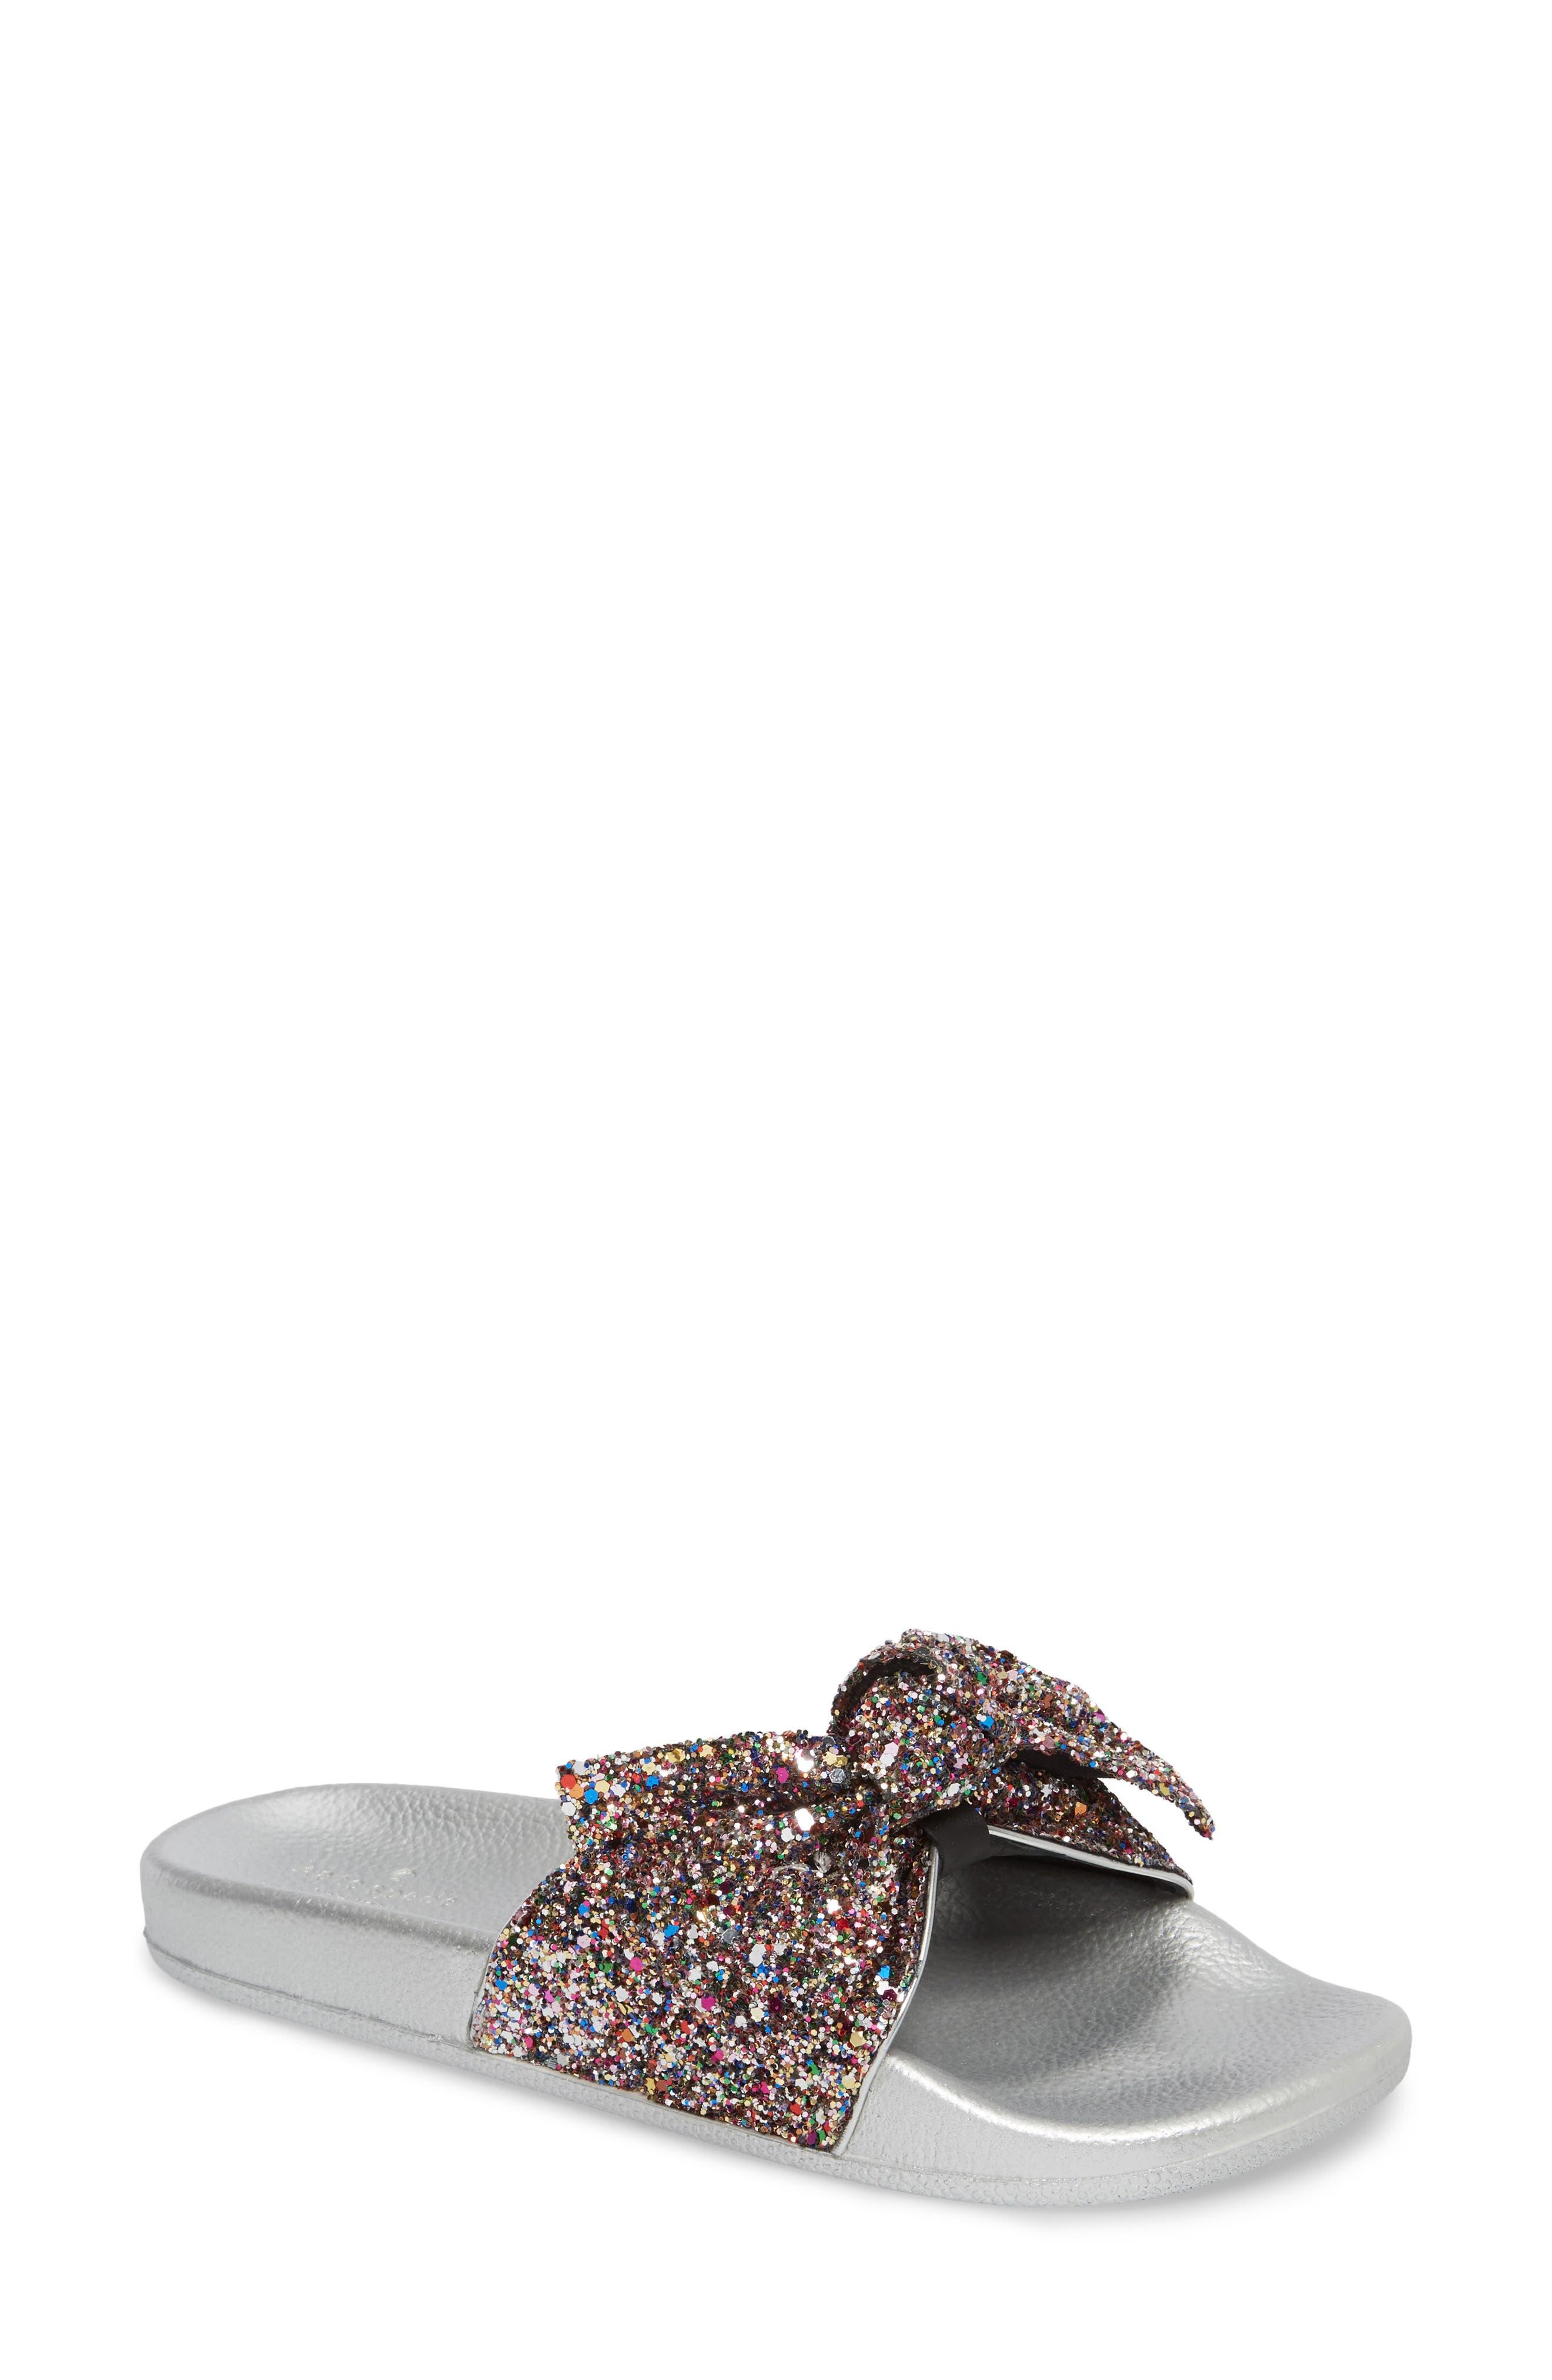 shellie slide sandal,                         Main,                         color, Multi Glitter